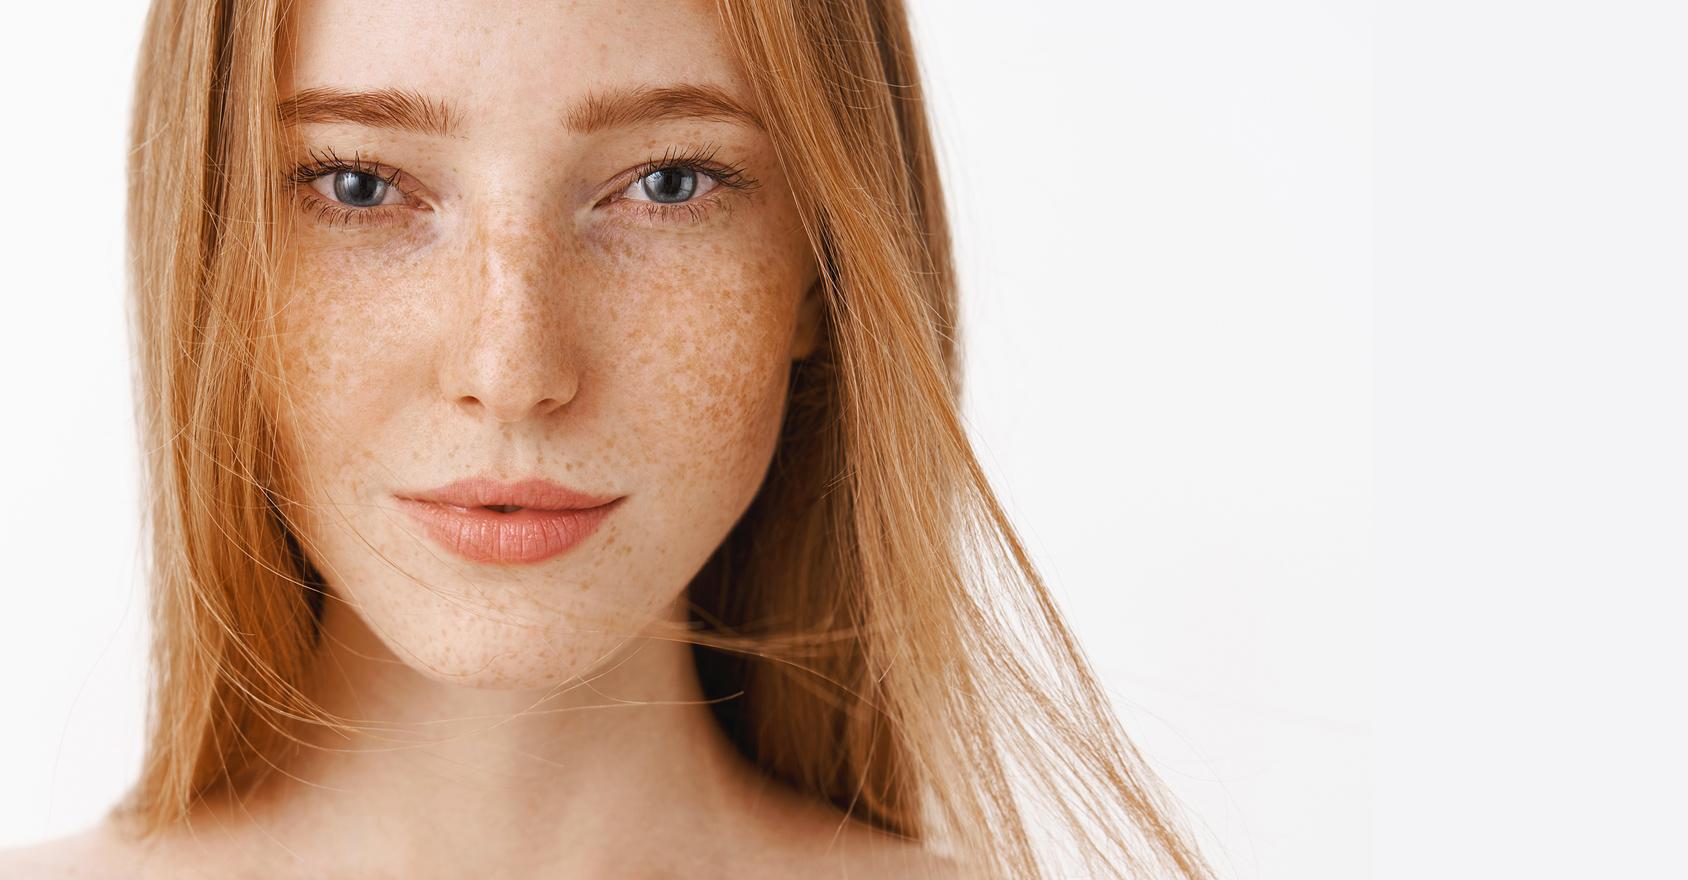 Pelle del viso sensibile e delicata